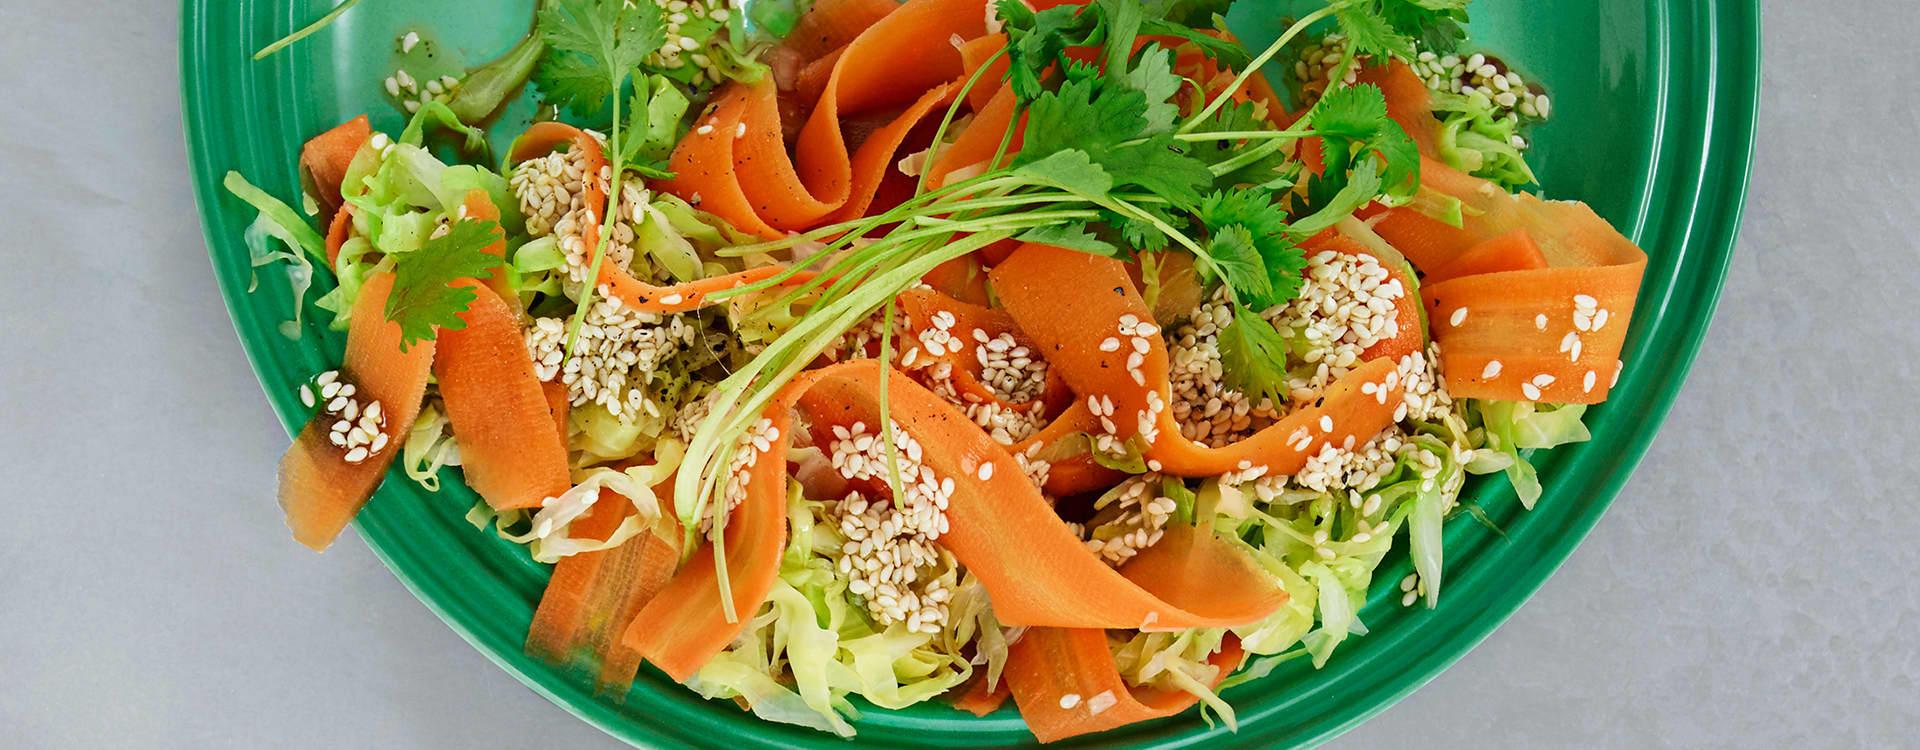 Syrlig gulrot- og kålsalat med sesamfrøvinaigrette